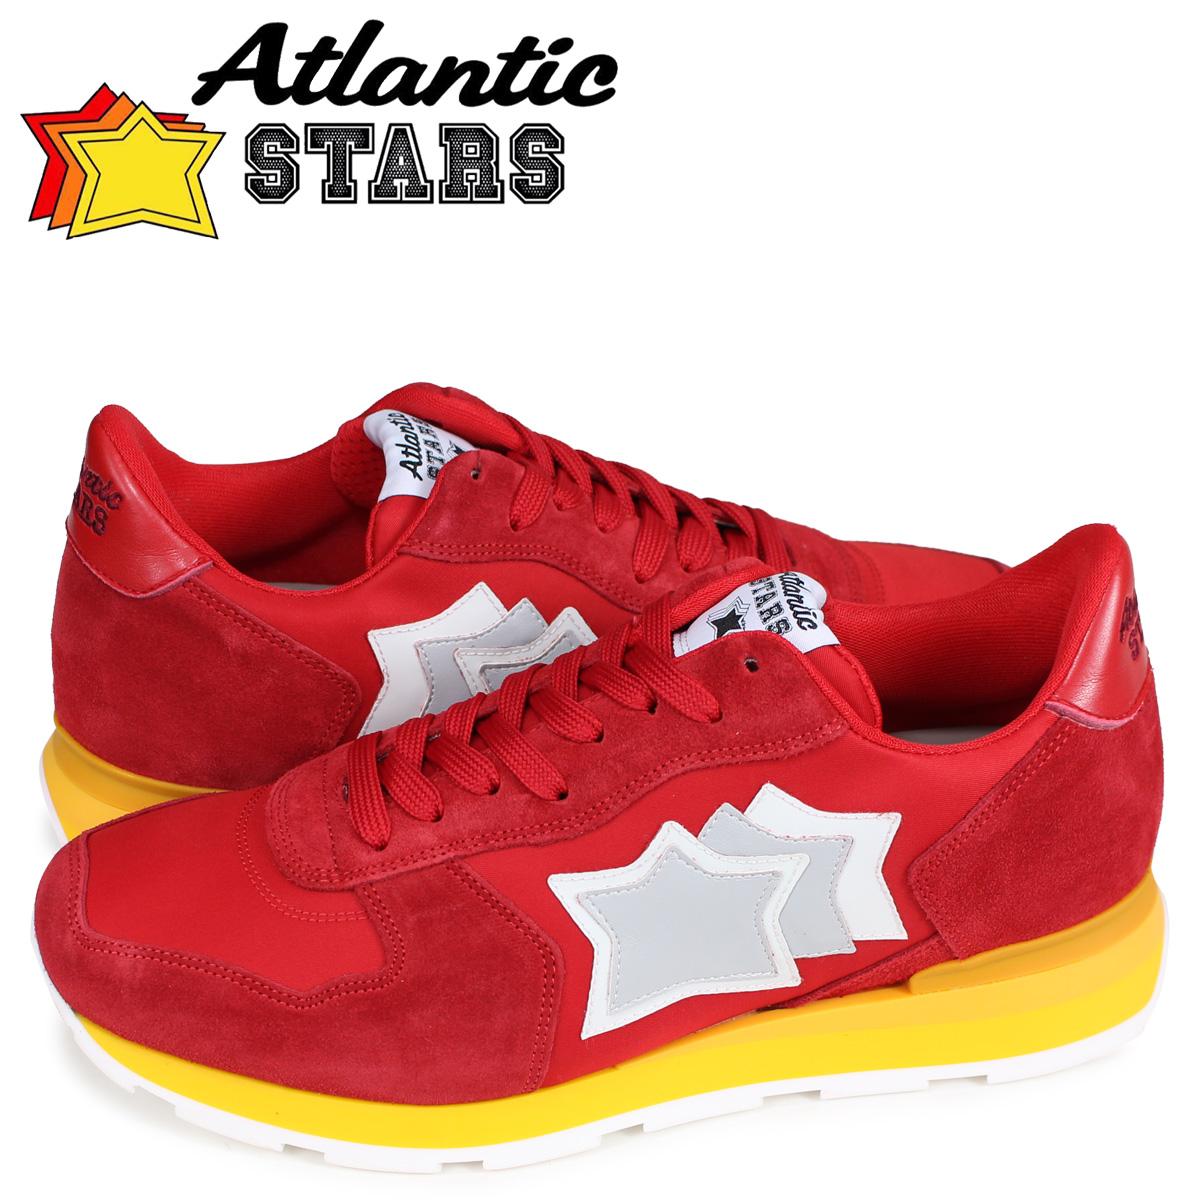 アトランティックスターズ Atlantic STARS アンタレス スニーカー メンズ ANTARES レッド RRR-15GS